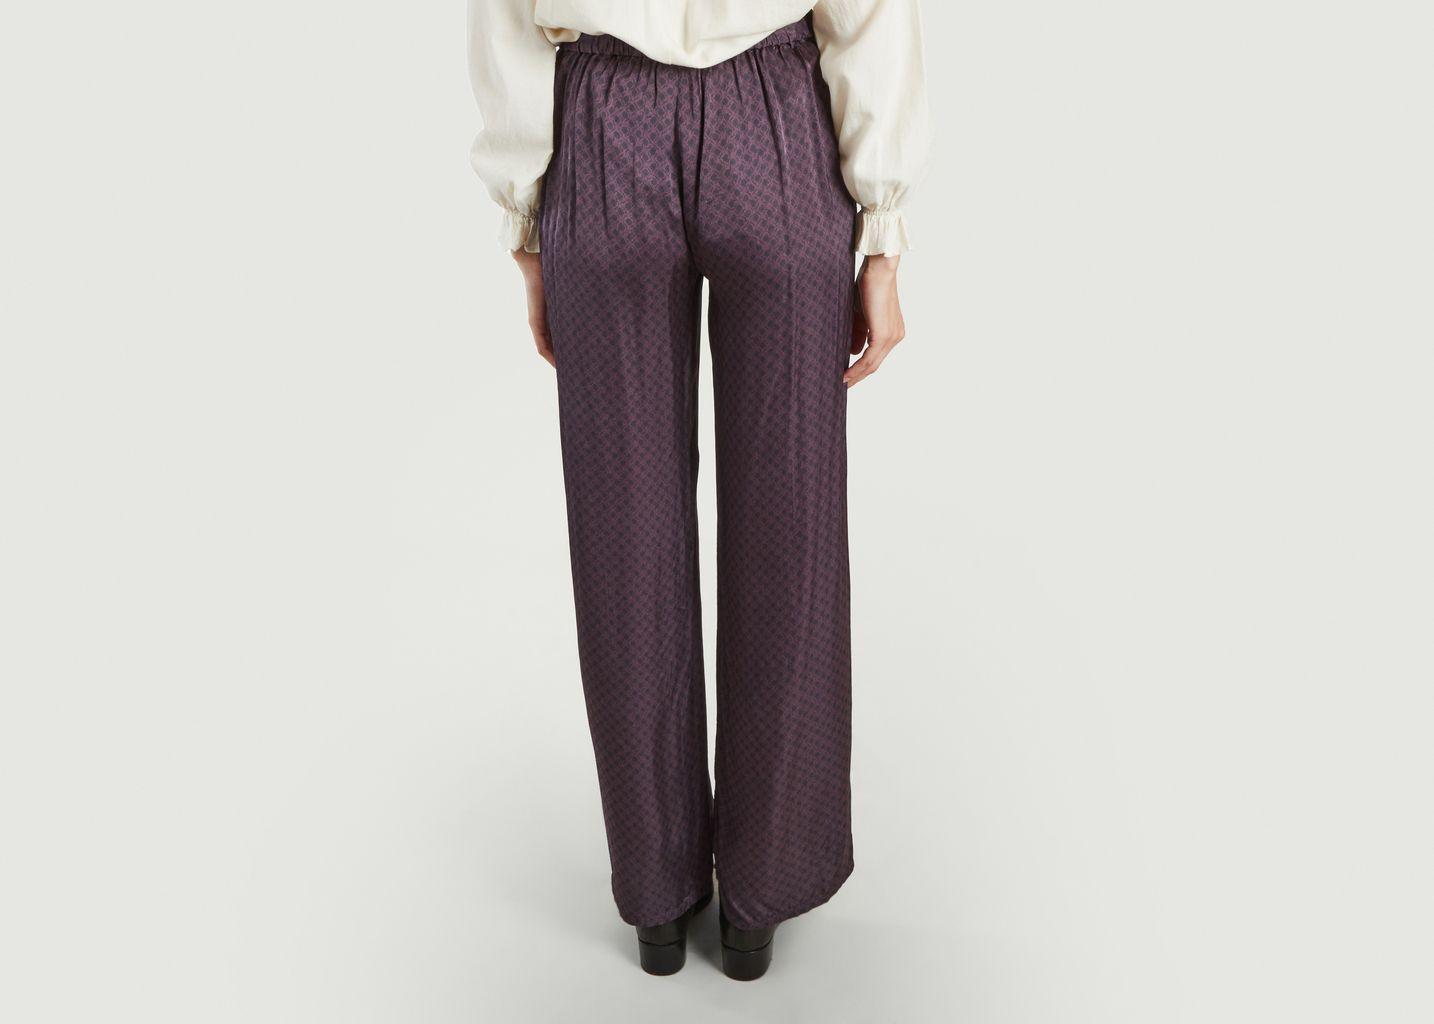 Pantalon Pompo - Diega